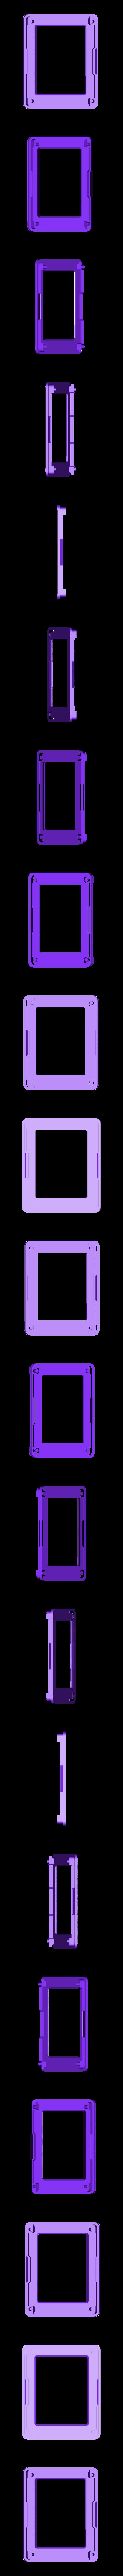 feather-tft-case-top-2.stl Télécharger fichier STL gratuit Hydro Dipping Prints • Modèle pour imprimante 3D, Adafruit